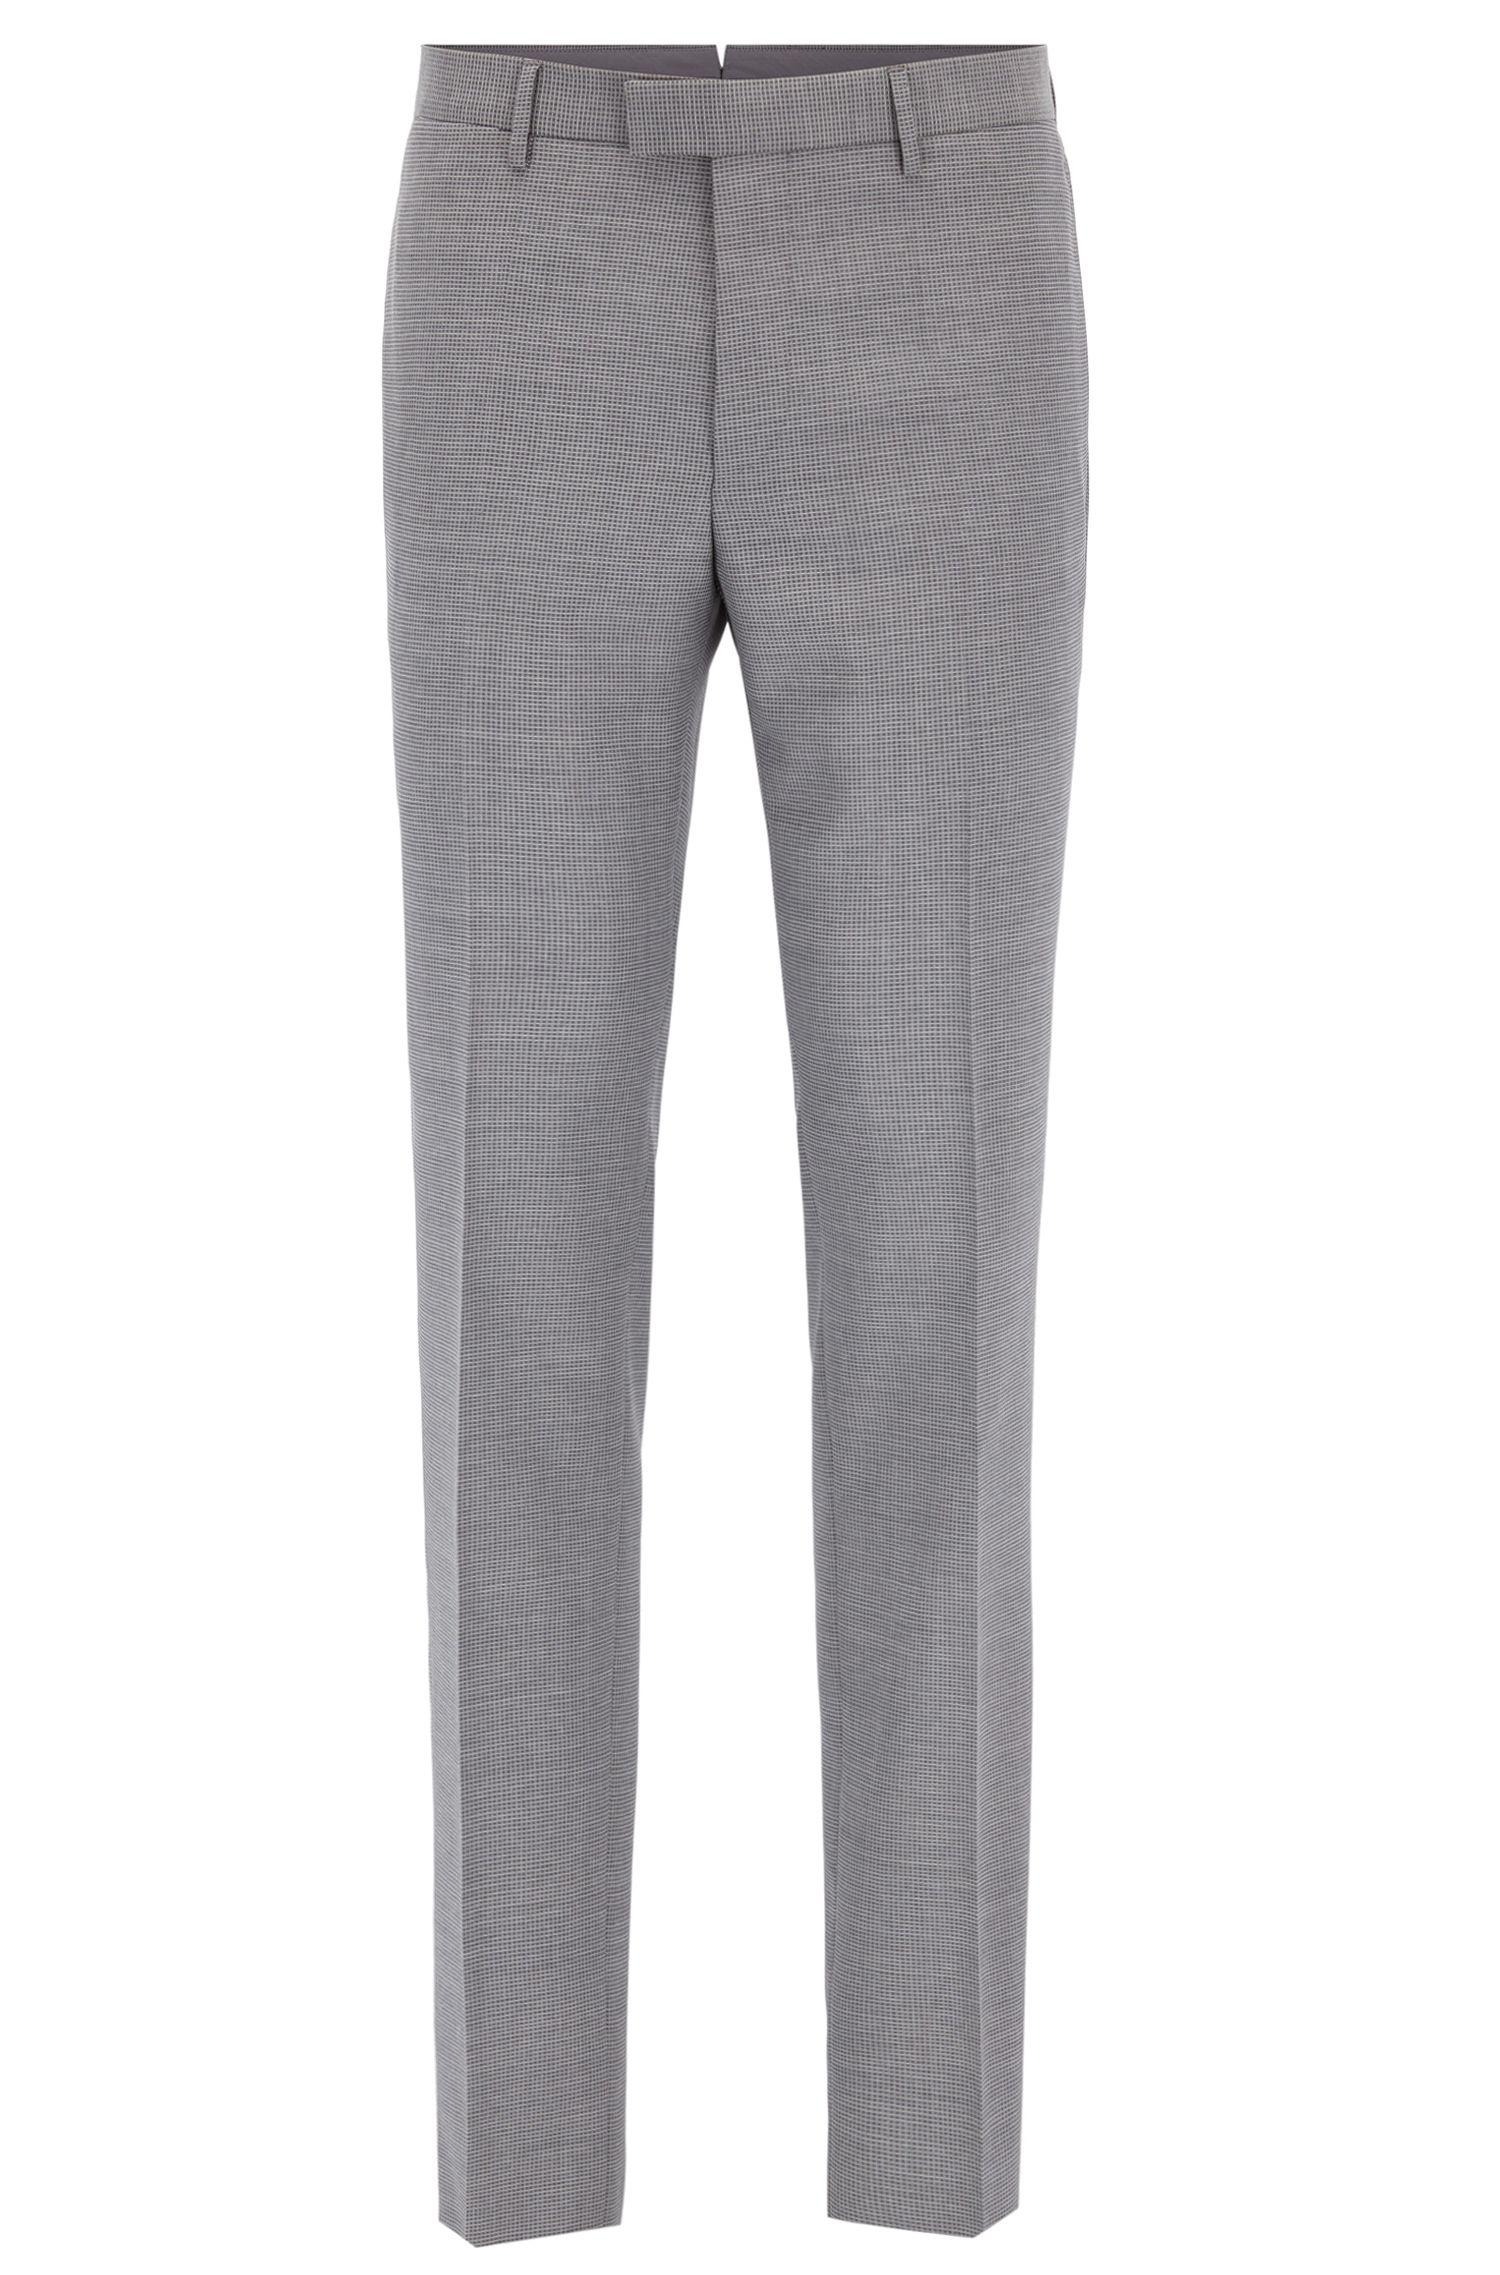 Virgin Wool Dress Pants, Slim Fit | T-Gary, Grey